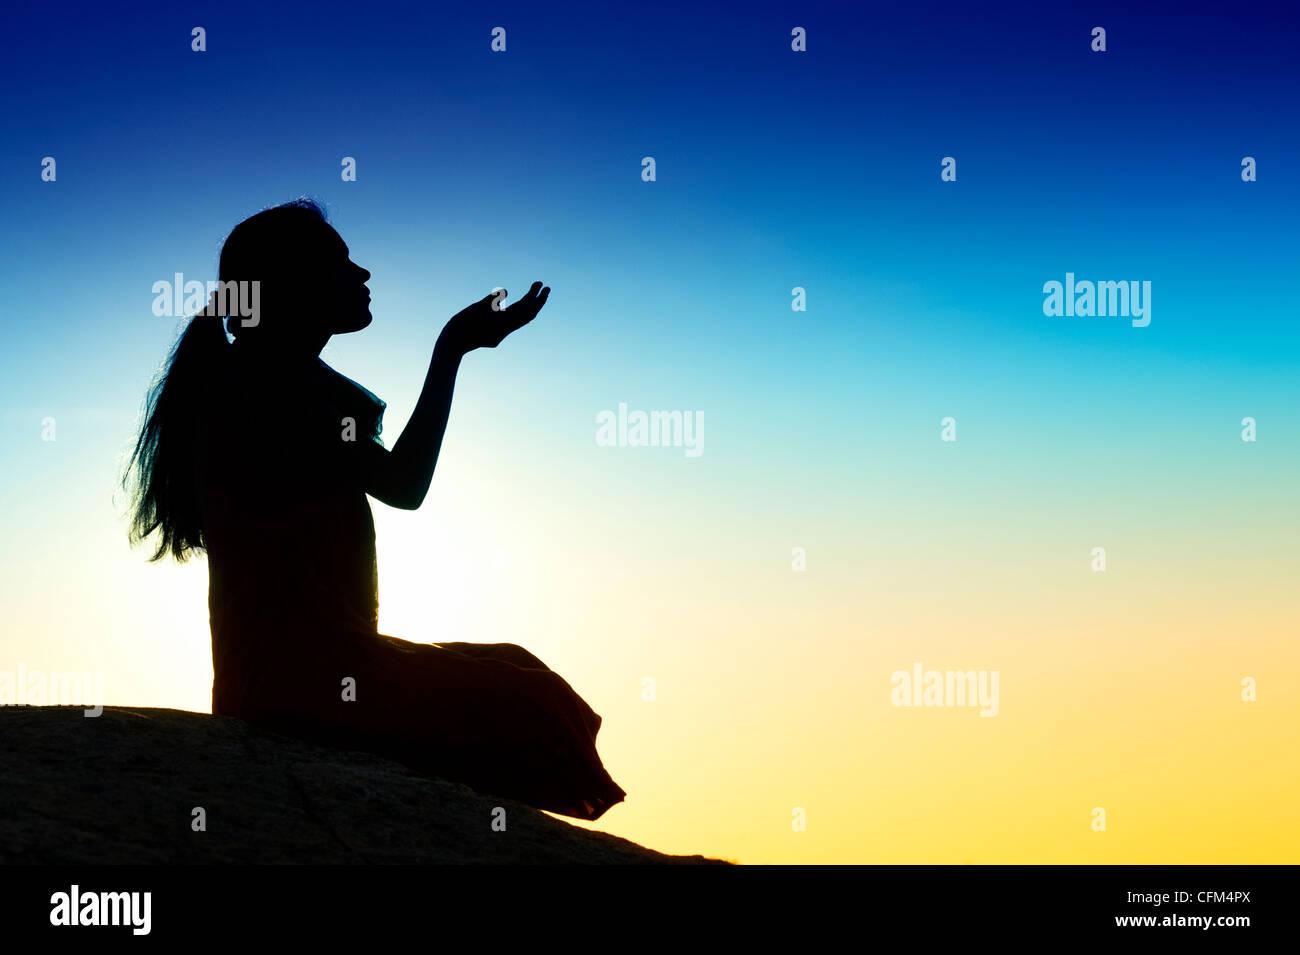 Indian girl offrant ses prières avec ses mains en l'air. Silhouette. L'Inde Photo Stock